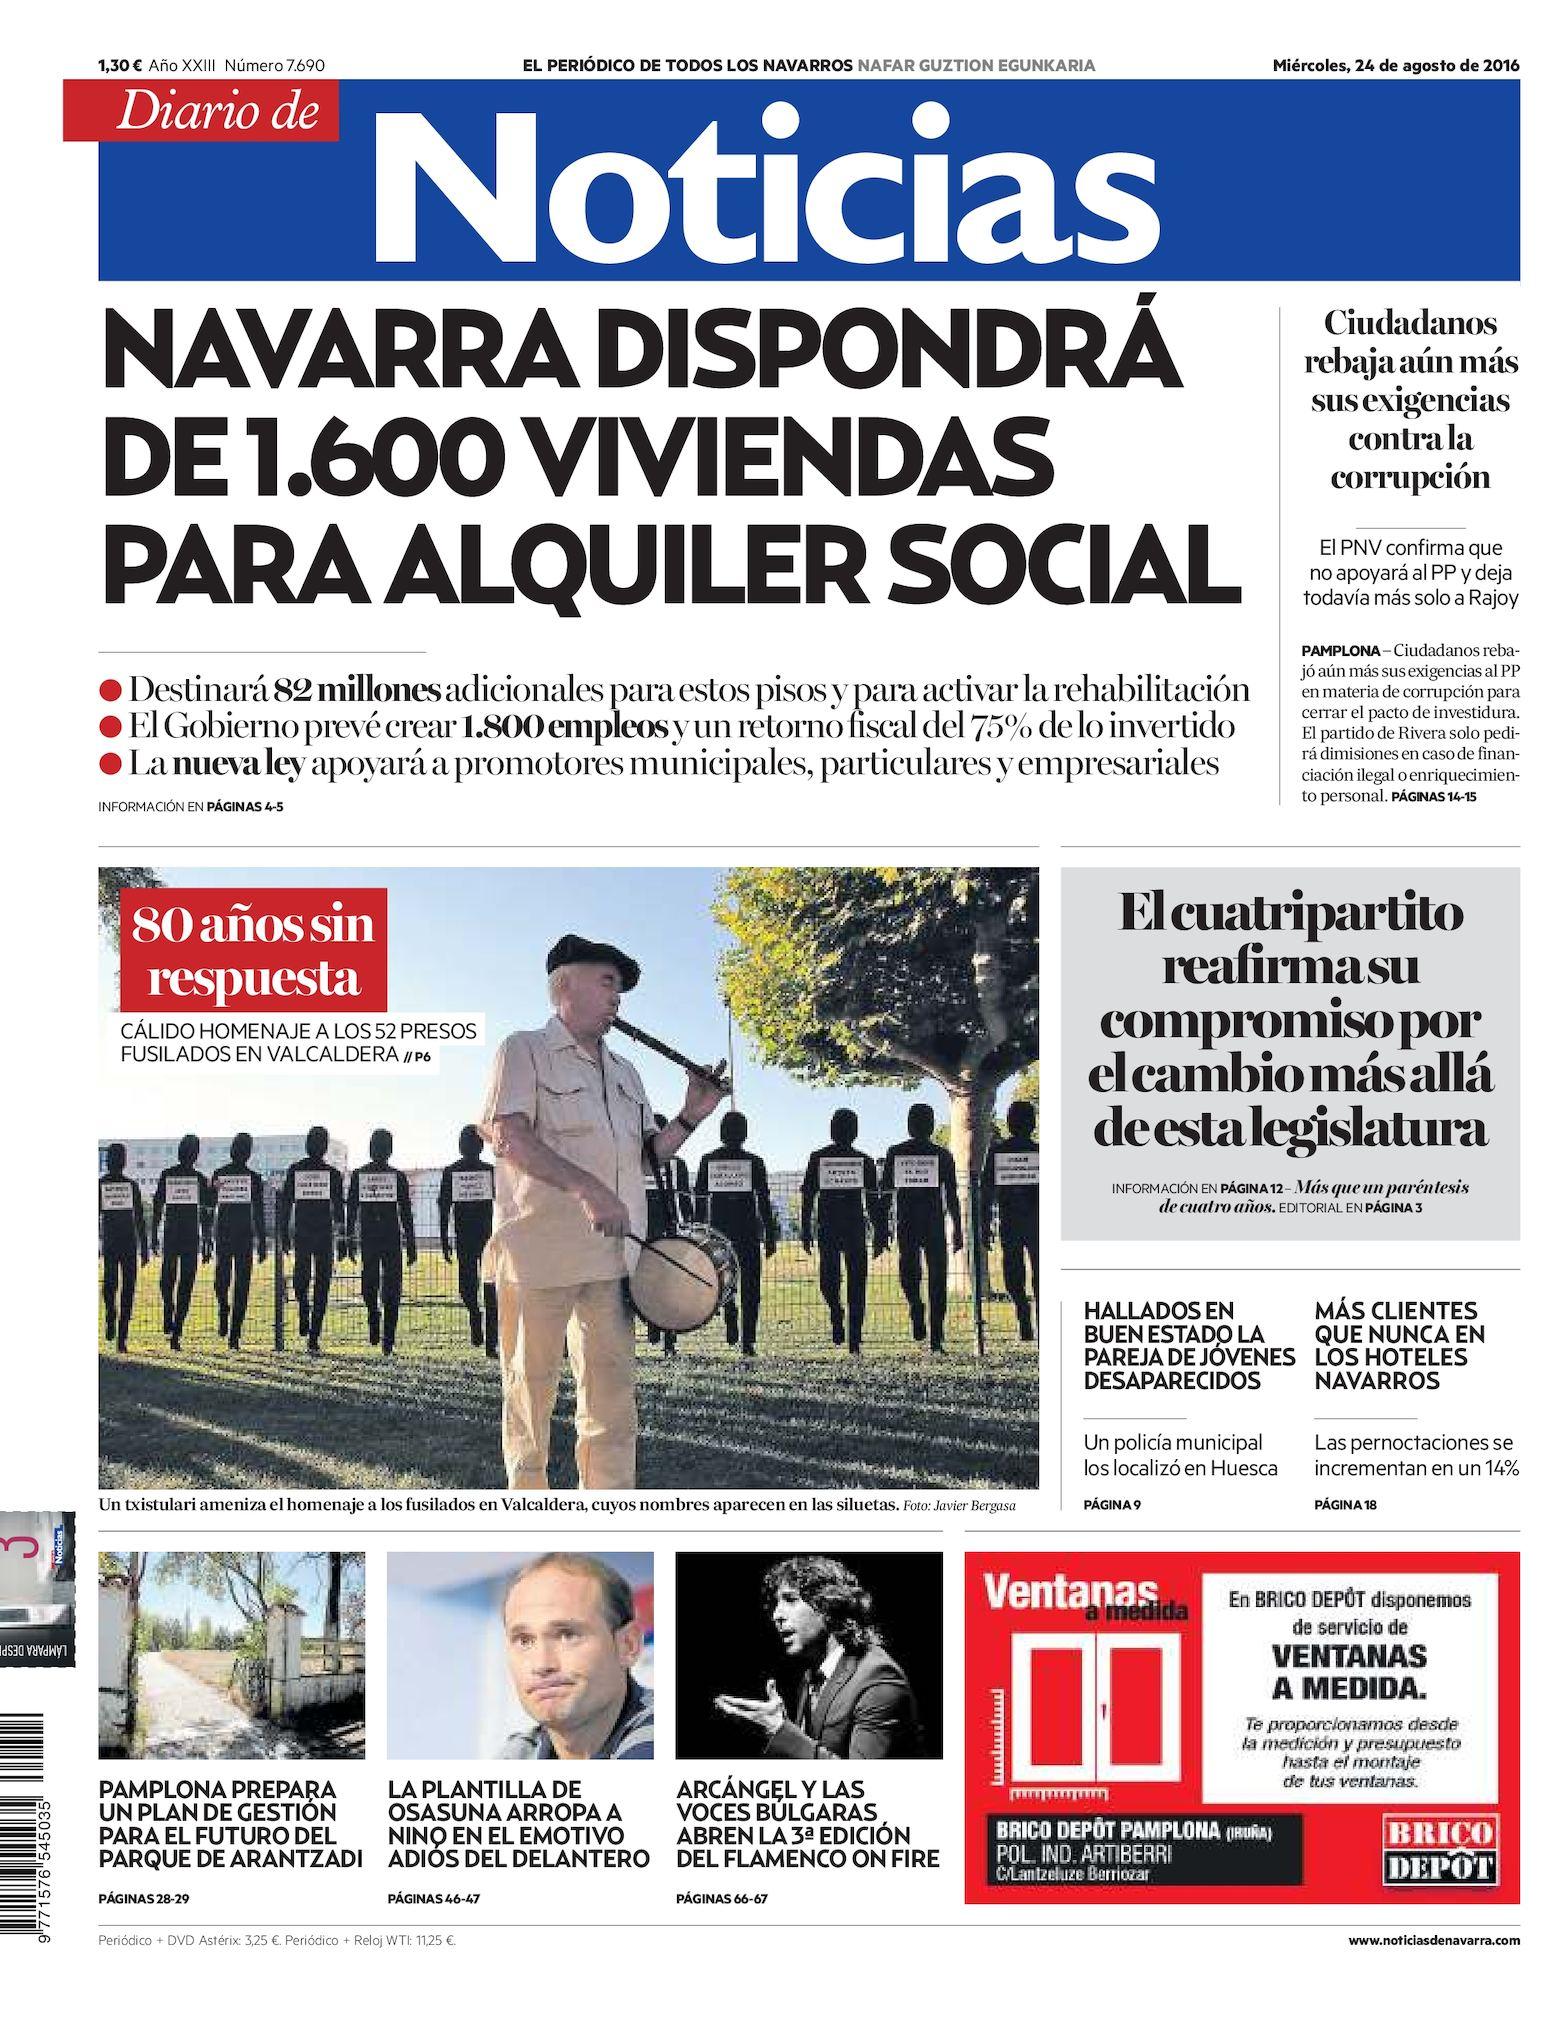 Calaméo - Diario de Noticias 20160824 88d8d9830cce